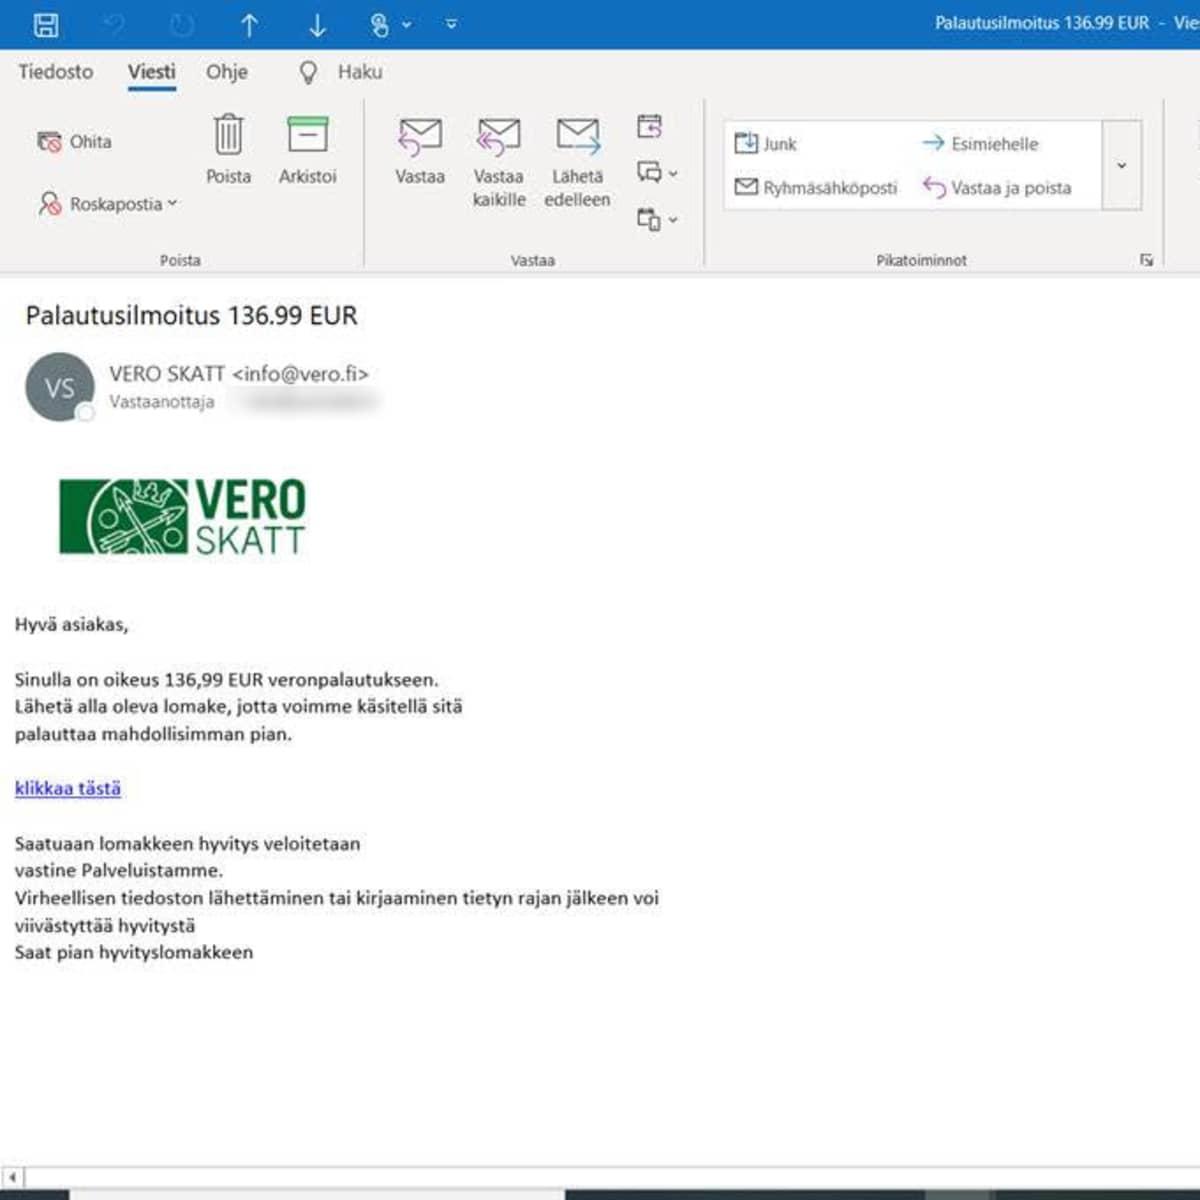 Verottajan nimissä lähetetty huijaussähköposti